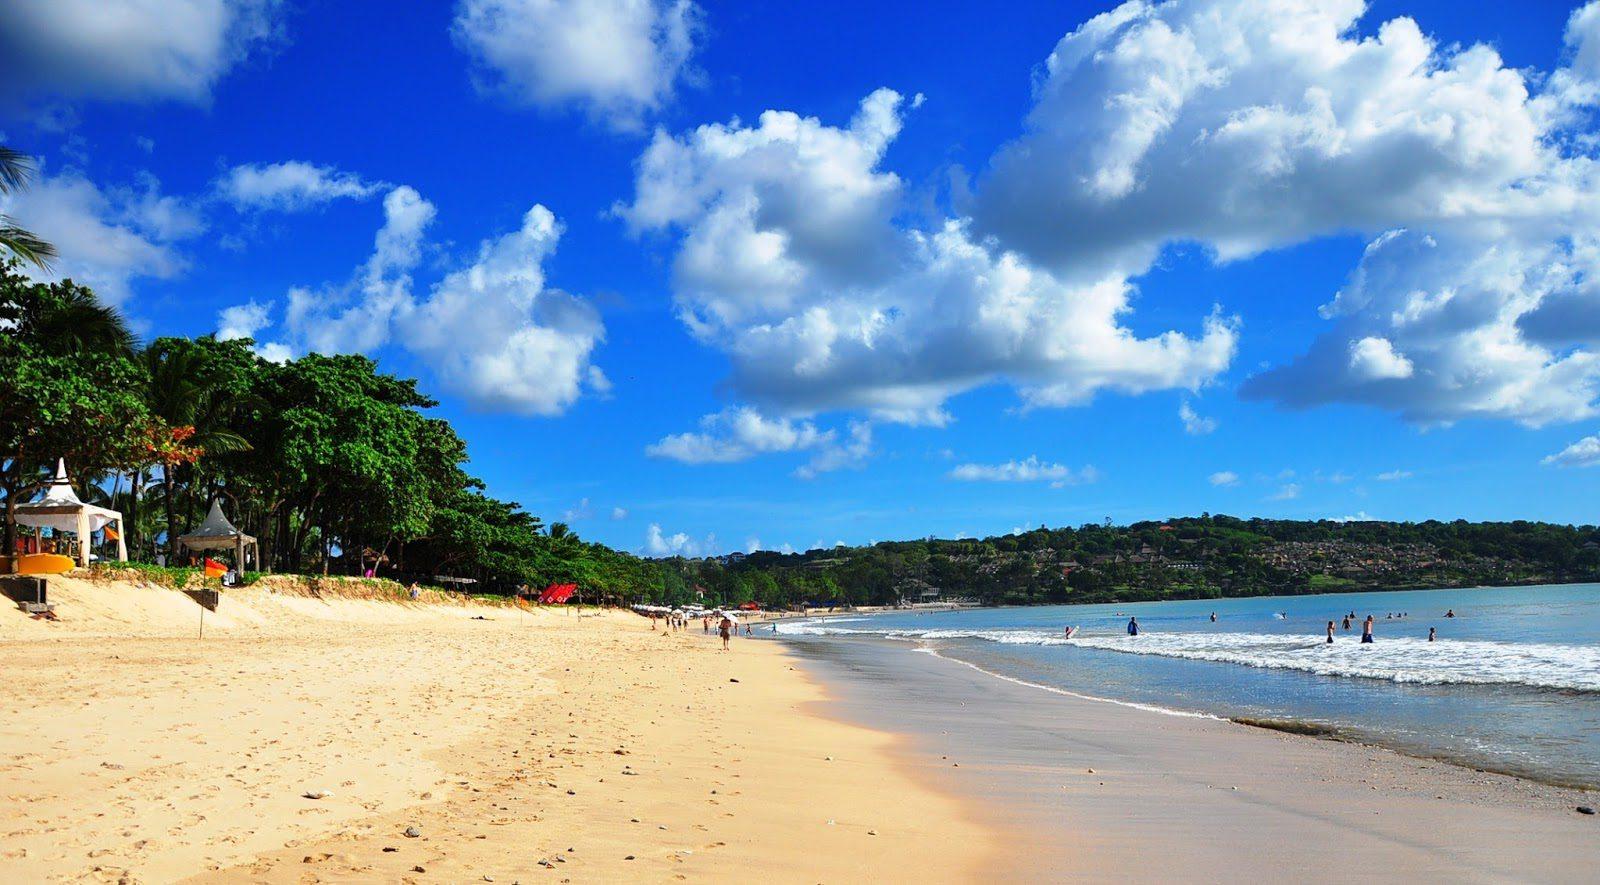 Почему бы не организовать свадьбу на пляжу